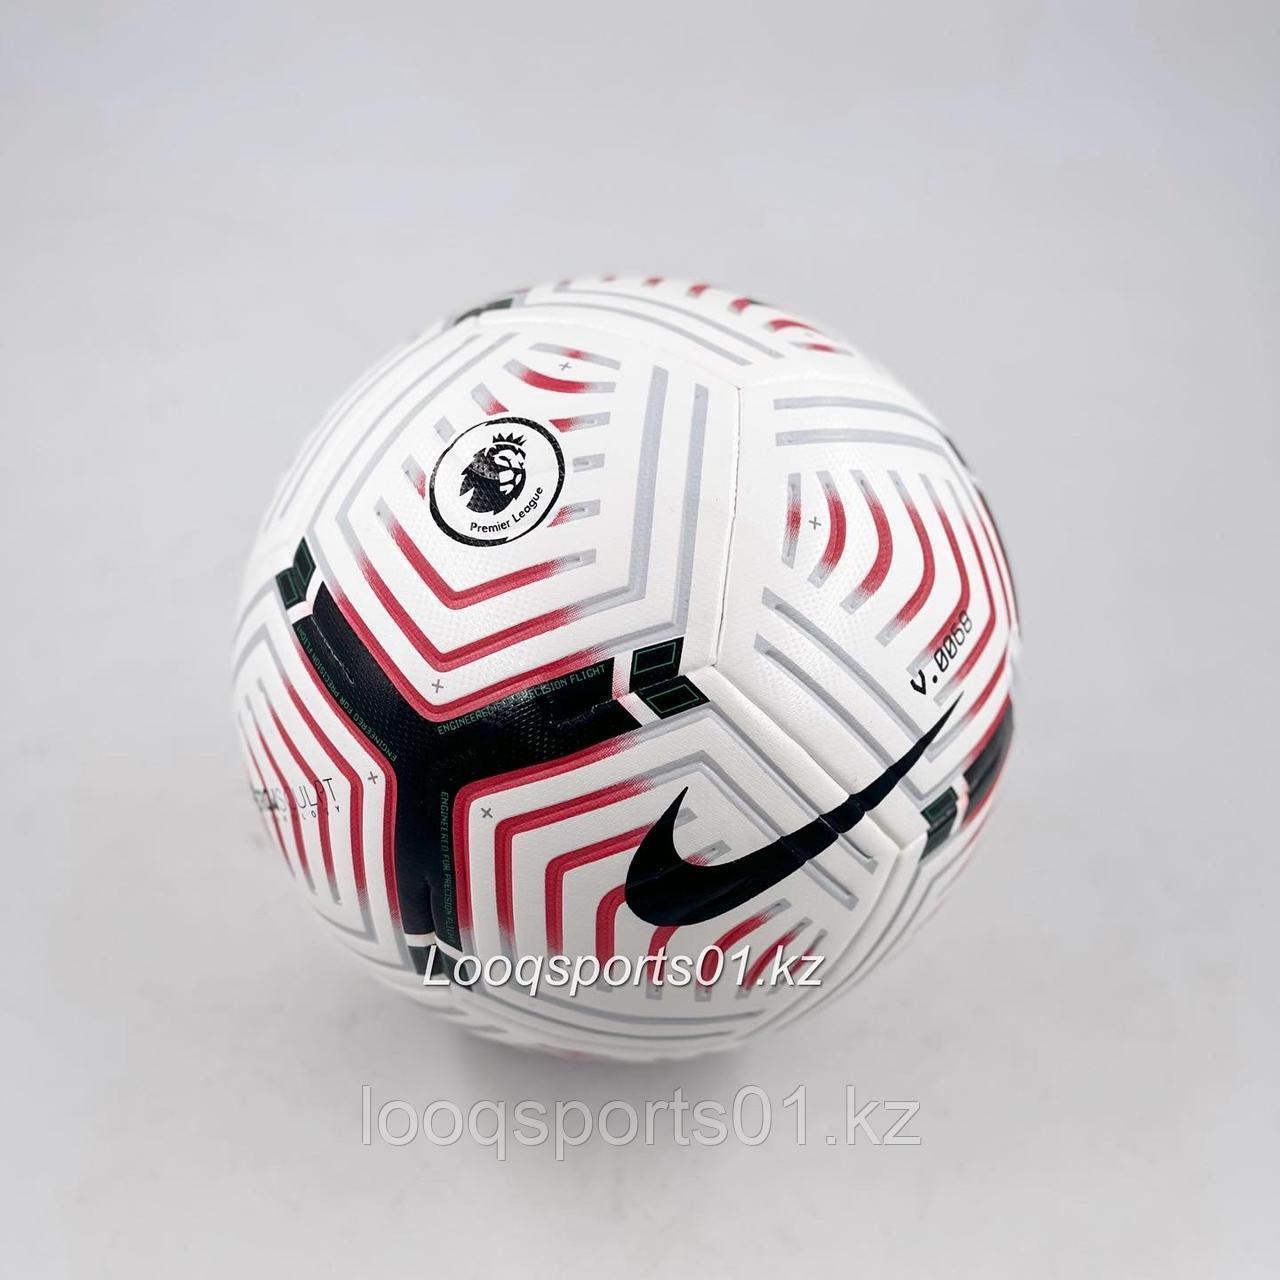 Футбольный мяч Nike 2020-2021 (5) - фото 1